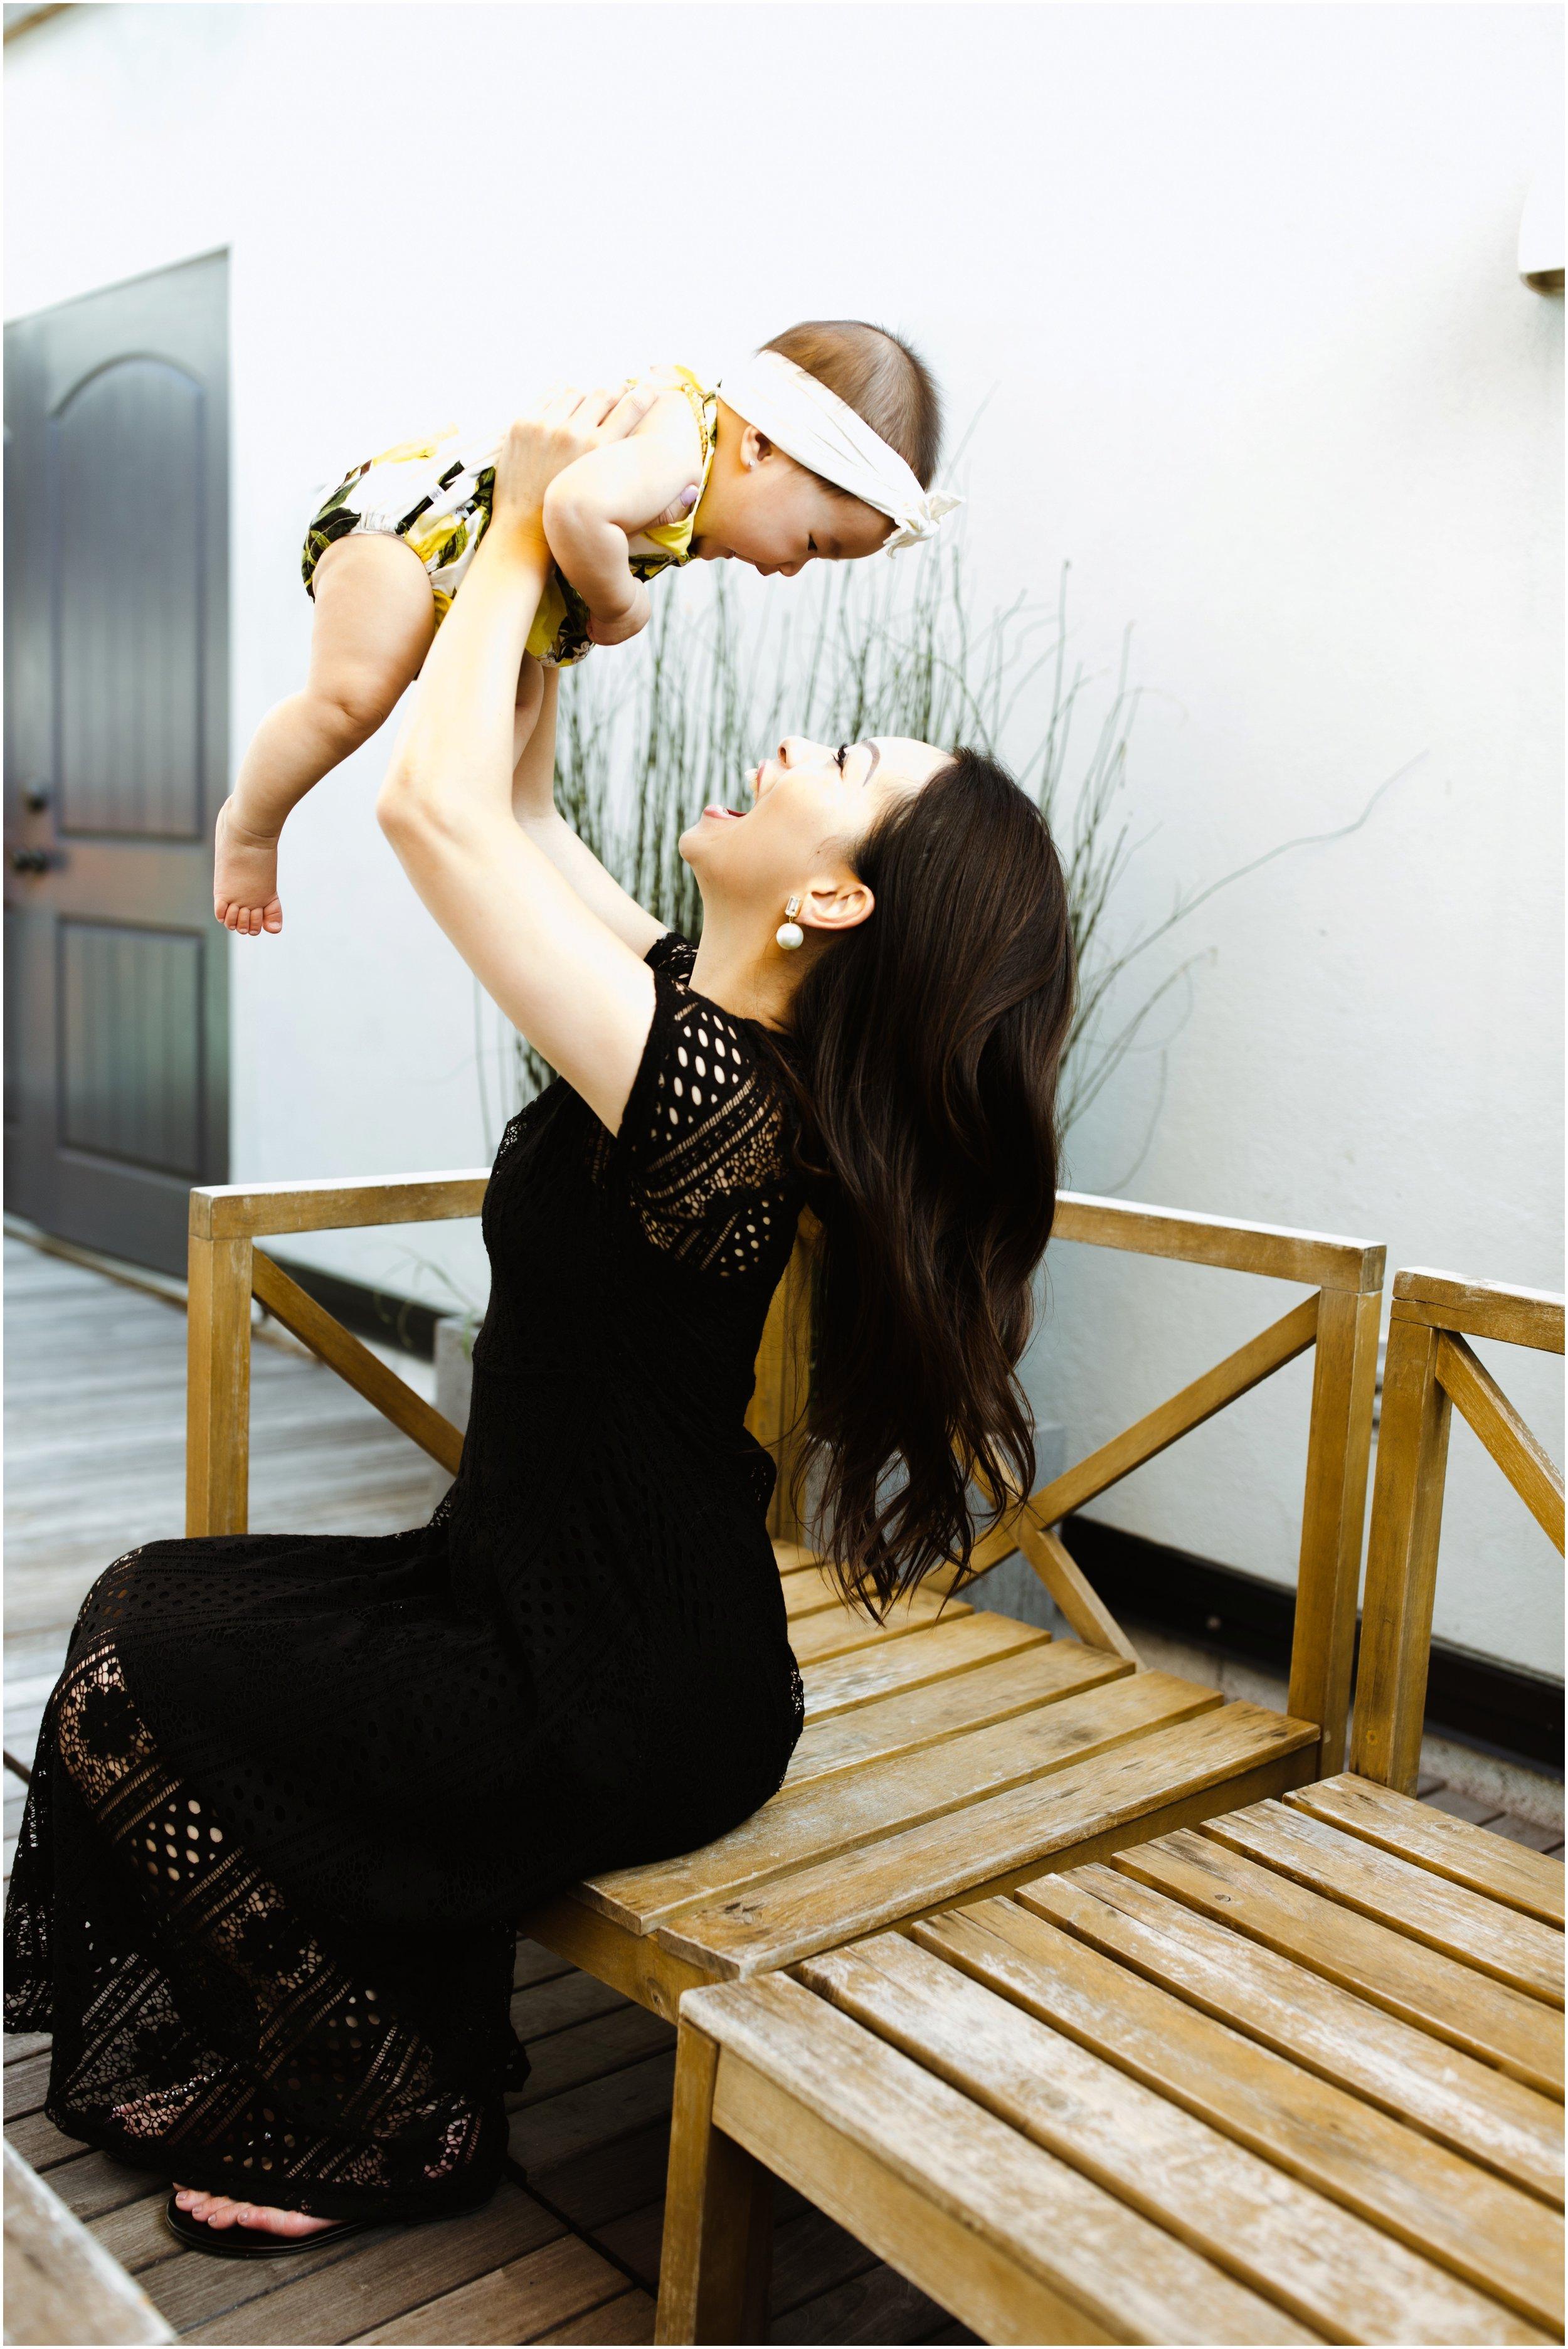 Nori-Catahoula-Hotel-2017-6-Months-Family-7508_quaint-and-whim-lifestyle-newborn-photographer-louisiana.jpg